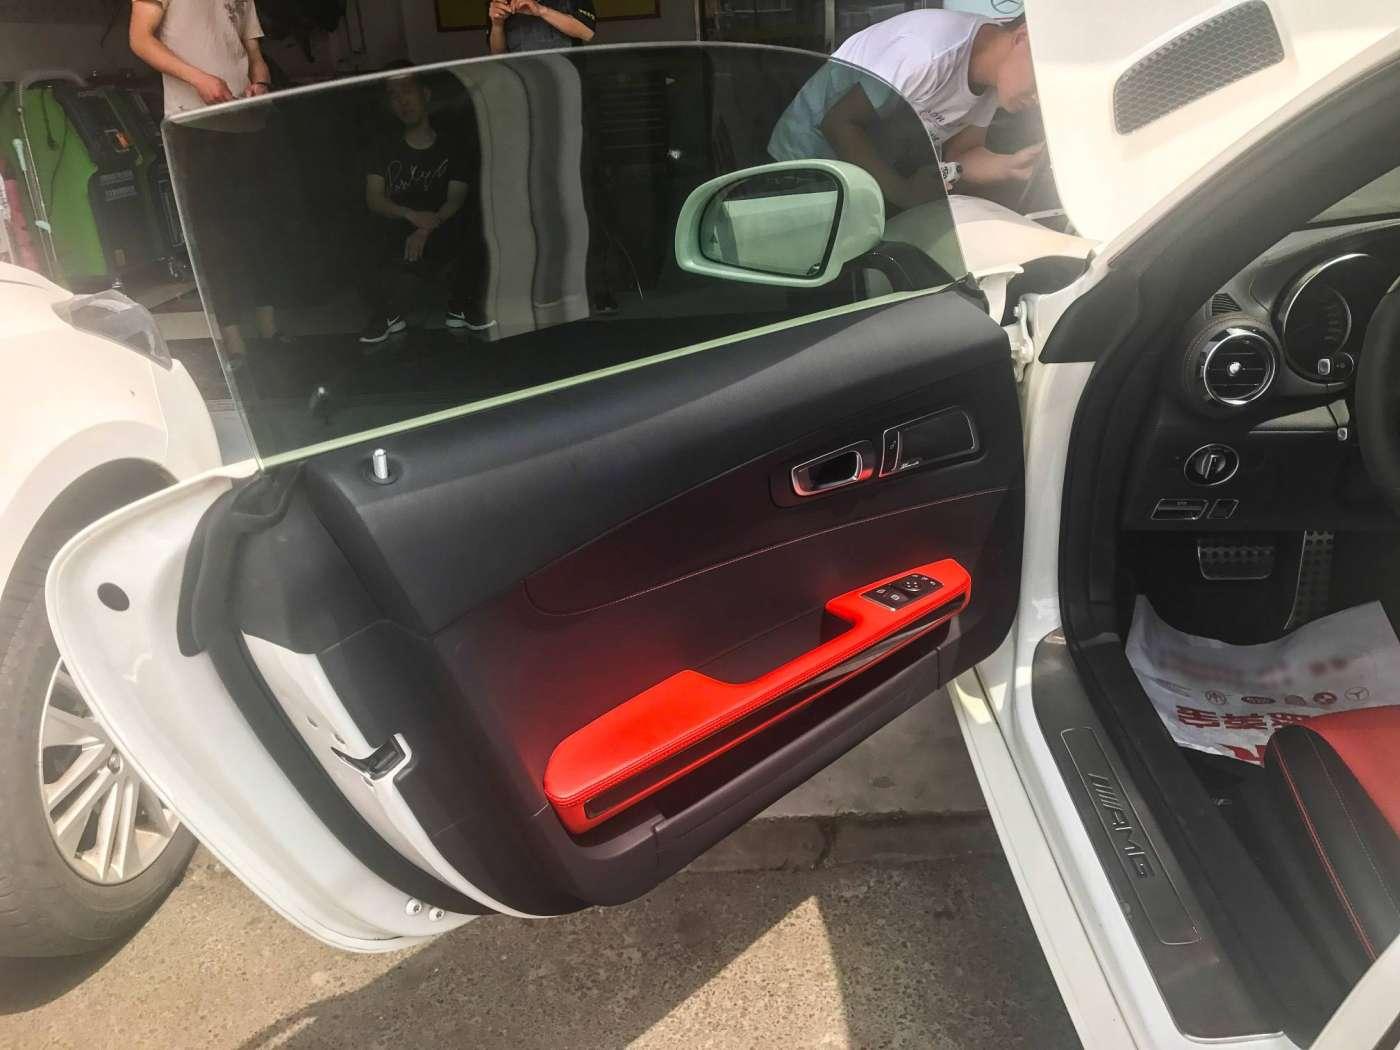 2015年09月 奔驰 2015款 AMG GT AMG GT S |甄选奔驰-北京卡斯基汽车服务有限公司